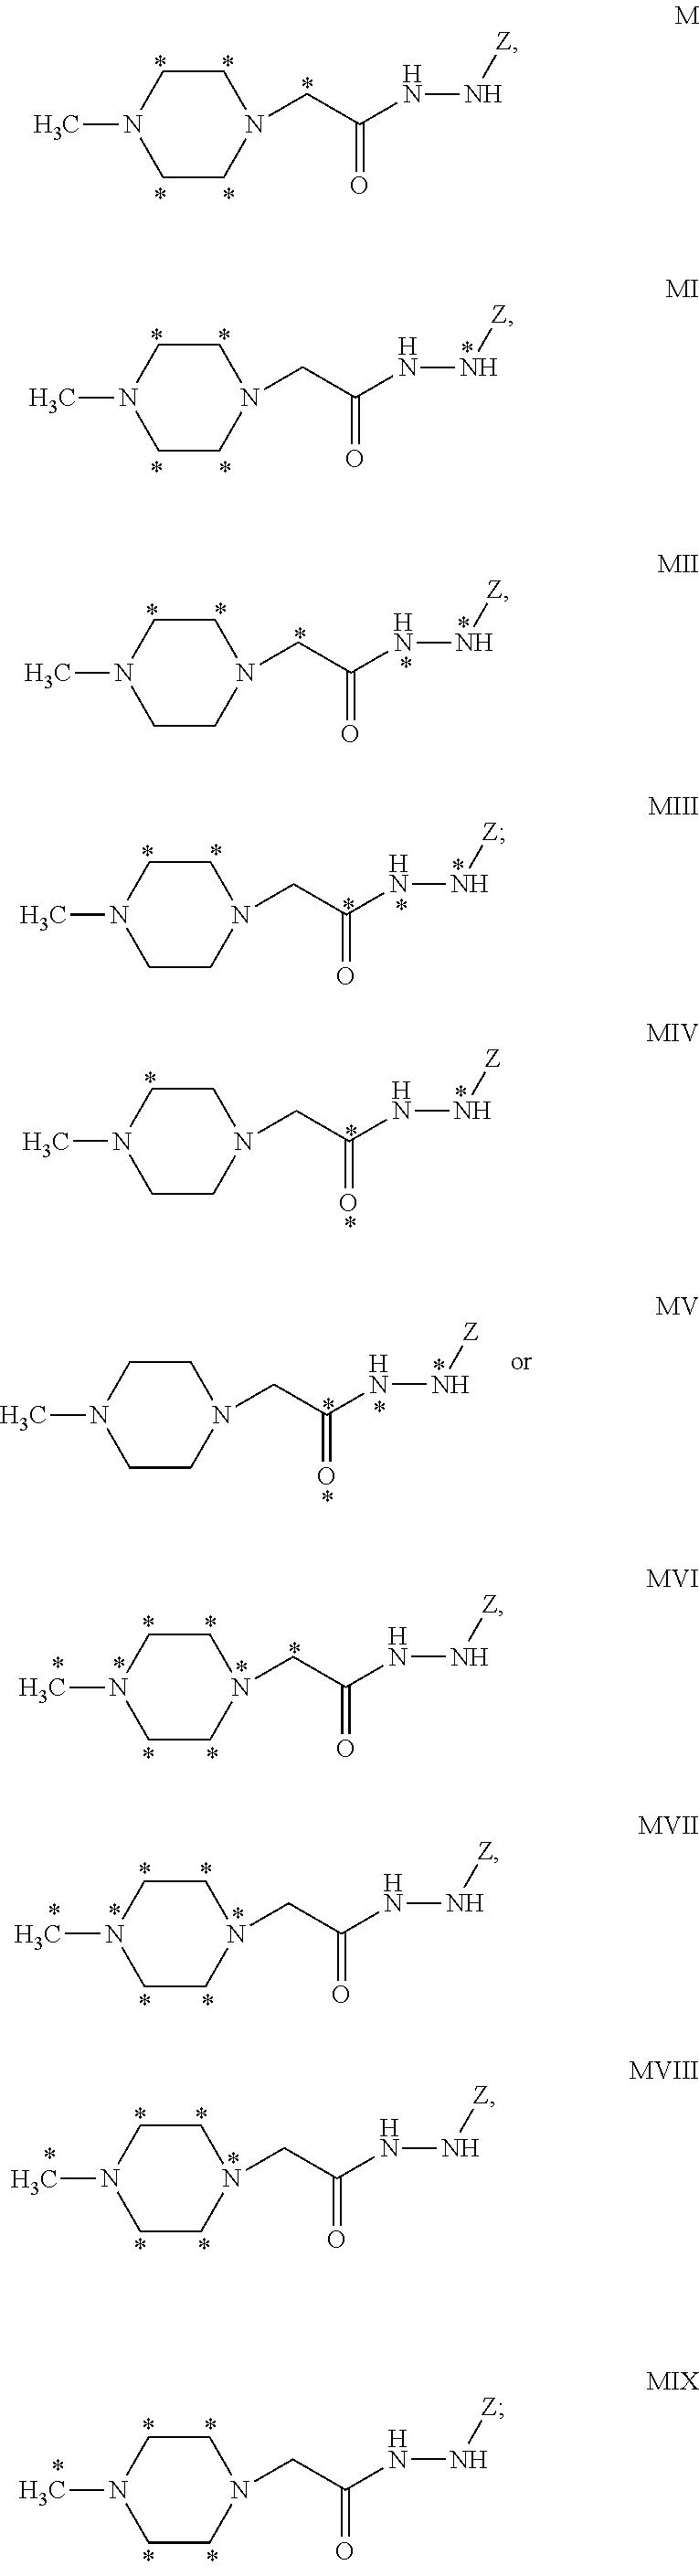 Figure US08492163-20130723-C00019